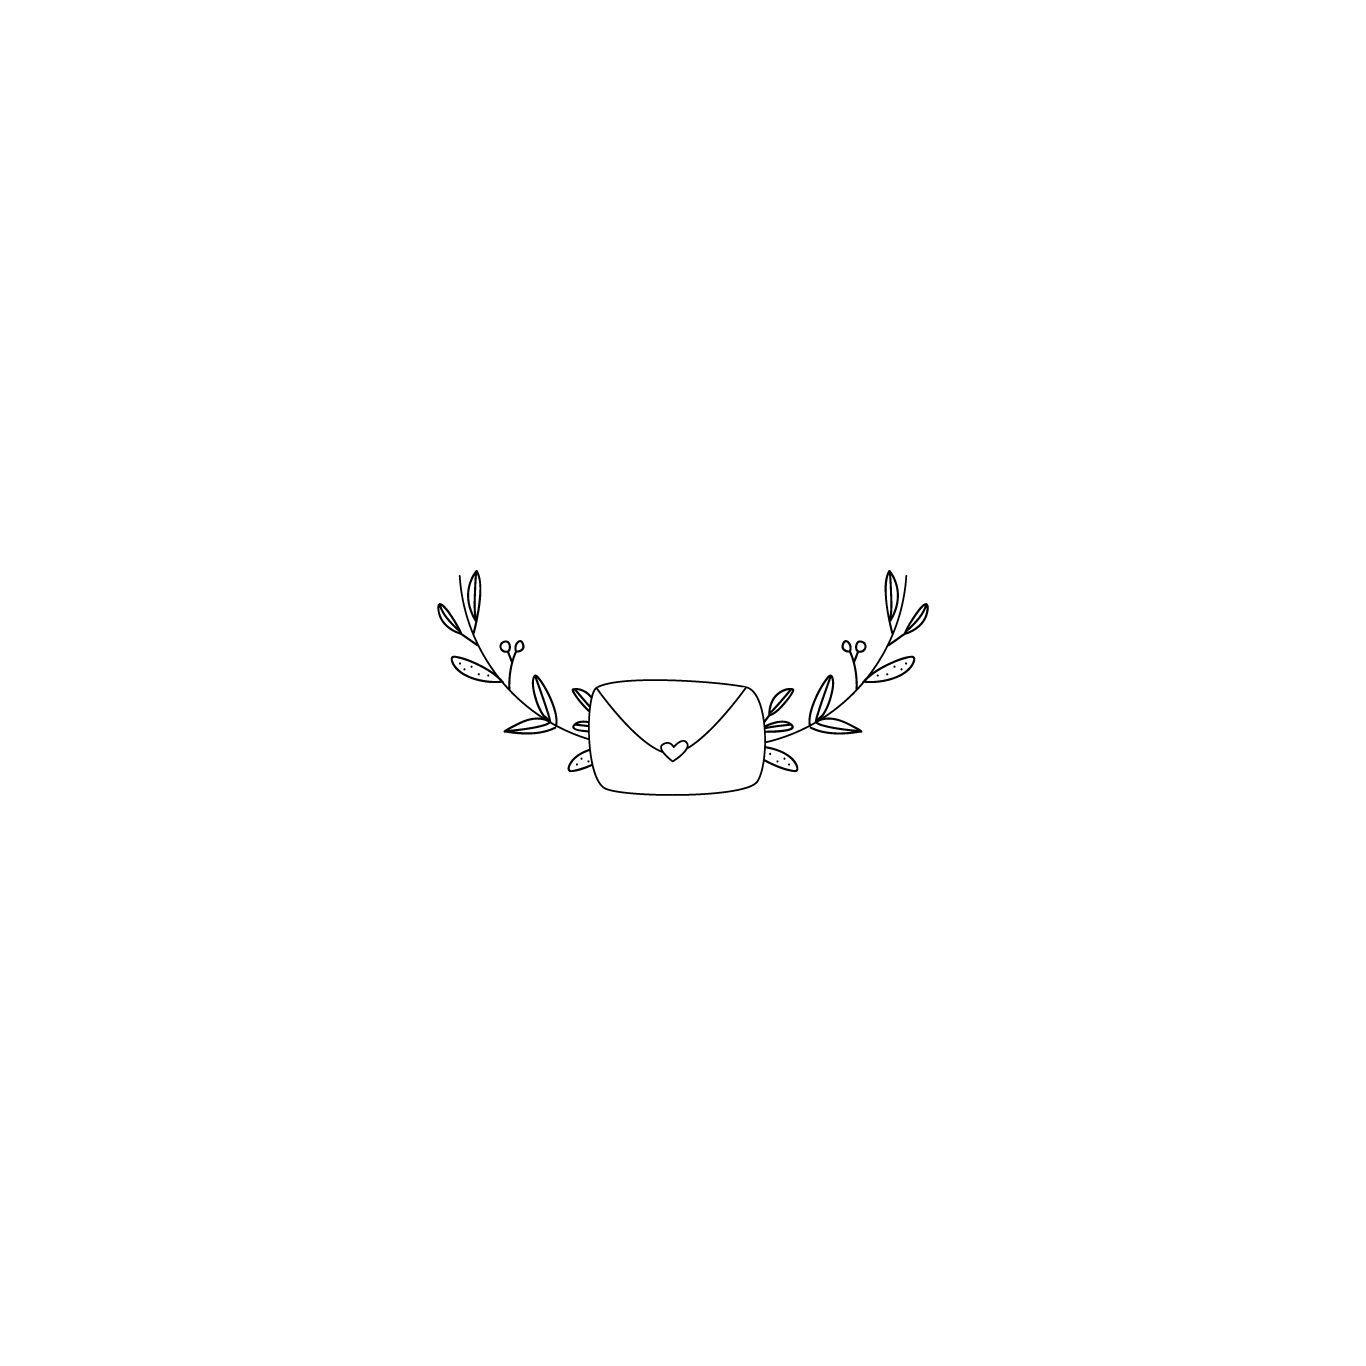 Envelope Post Branch Twig Leaves Love Letter Design Logos Premade